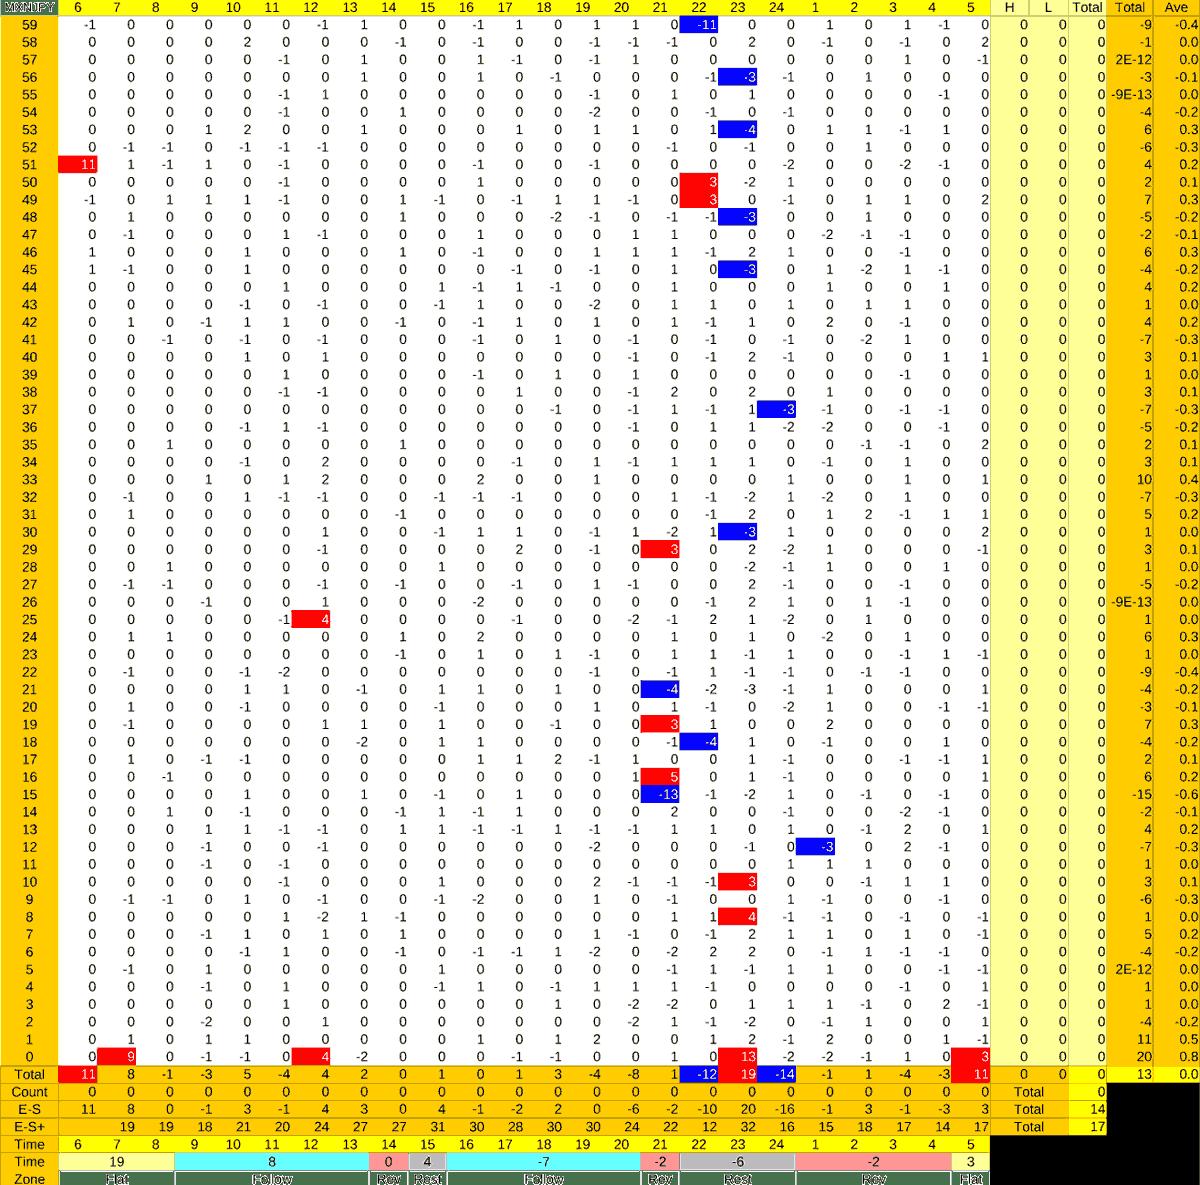 20210804_HS(3)MXNJPY-min